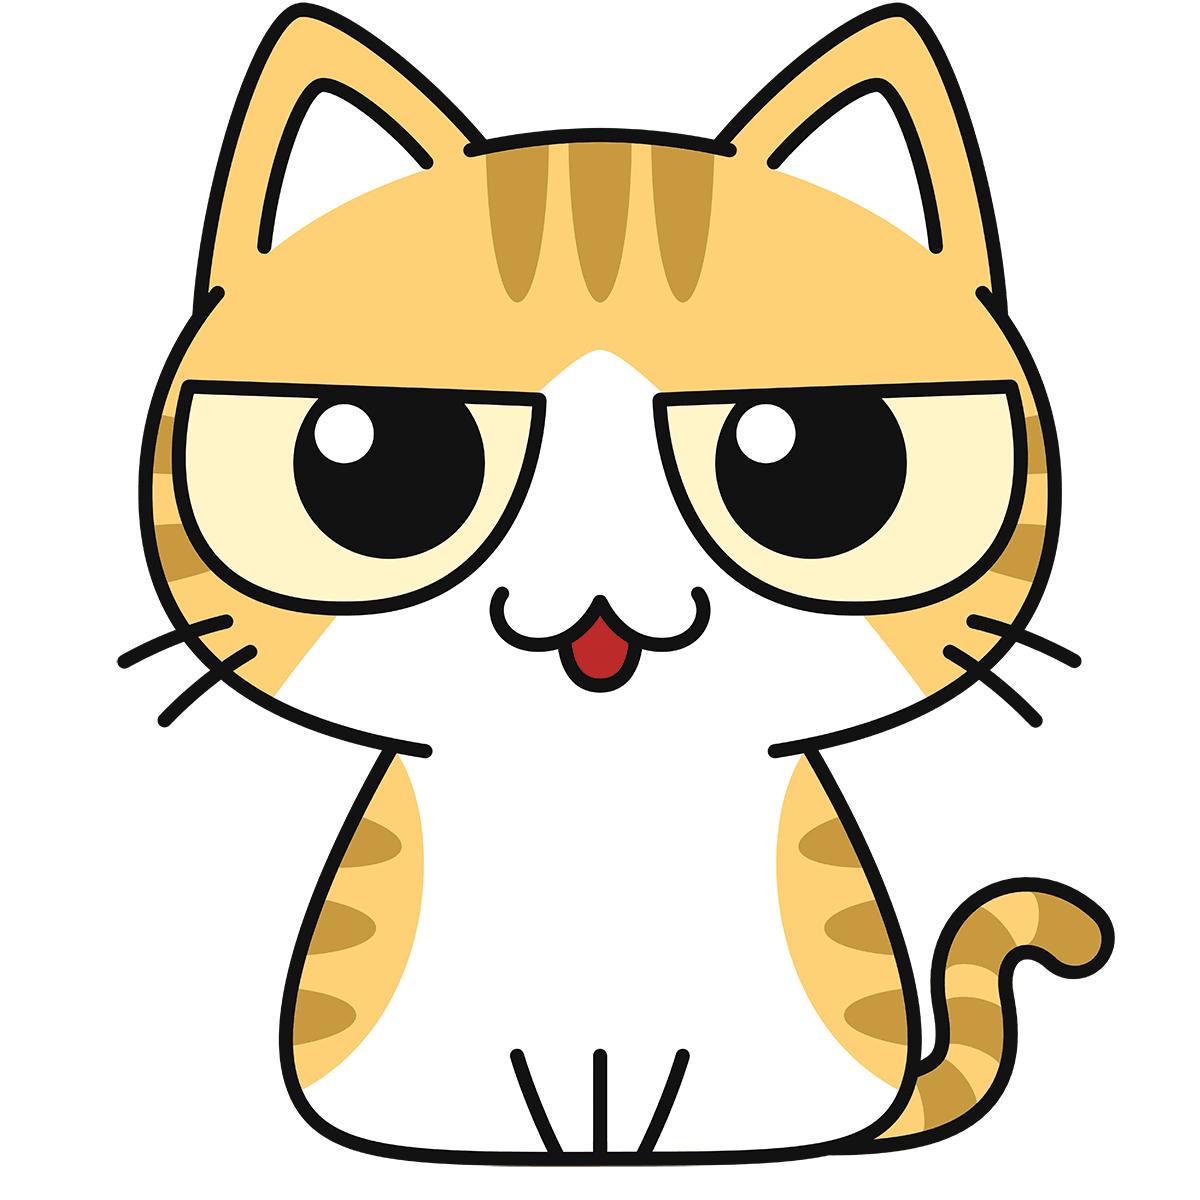 茶白猫(話す)の無料イラスト